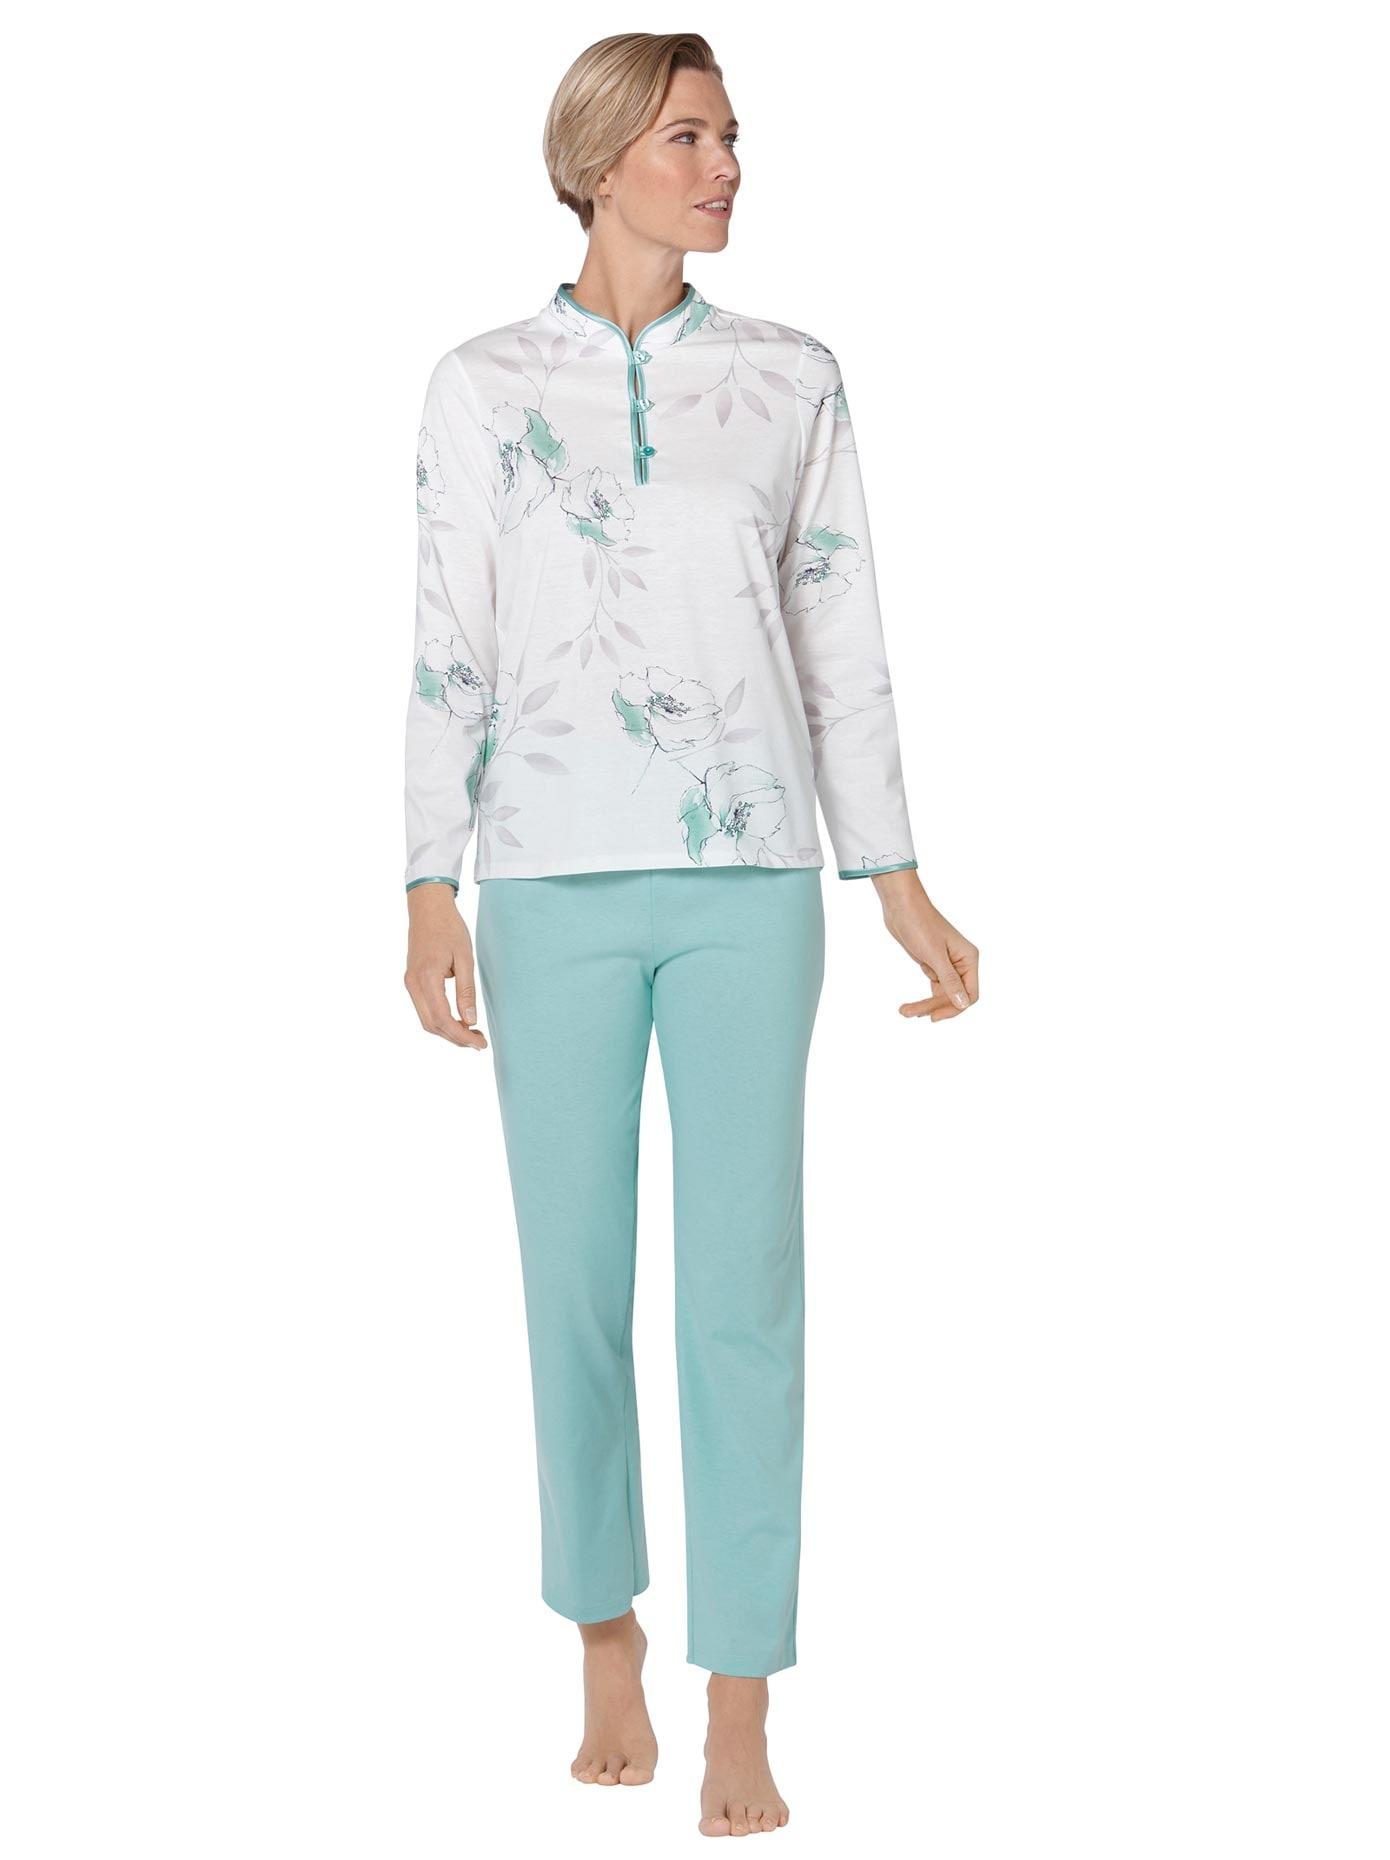 Image of Arabella Schlafanzug mit Blüten-Dessin